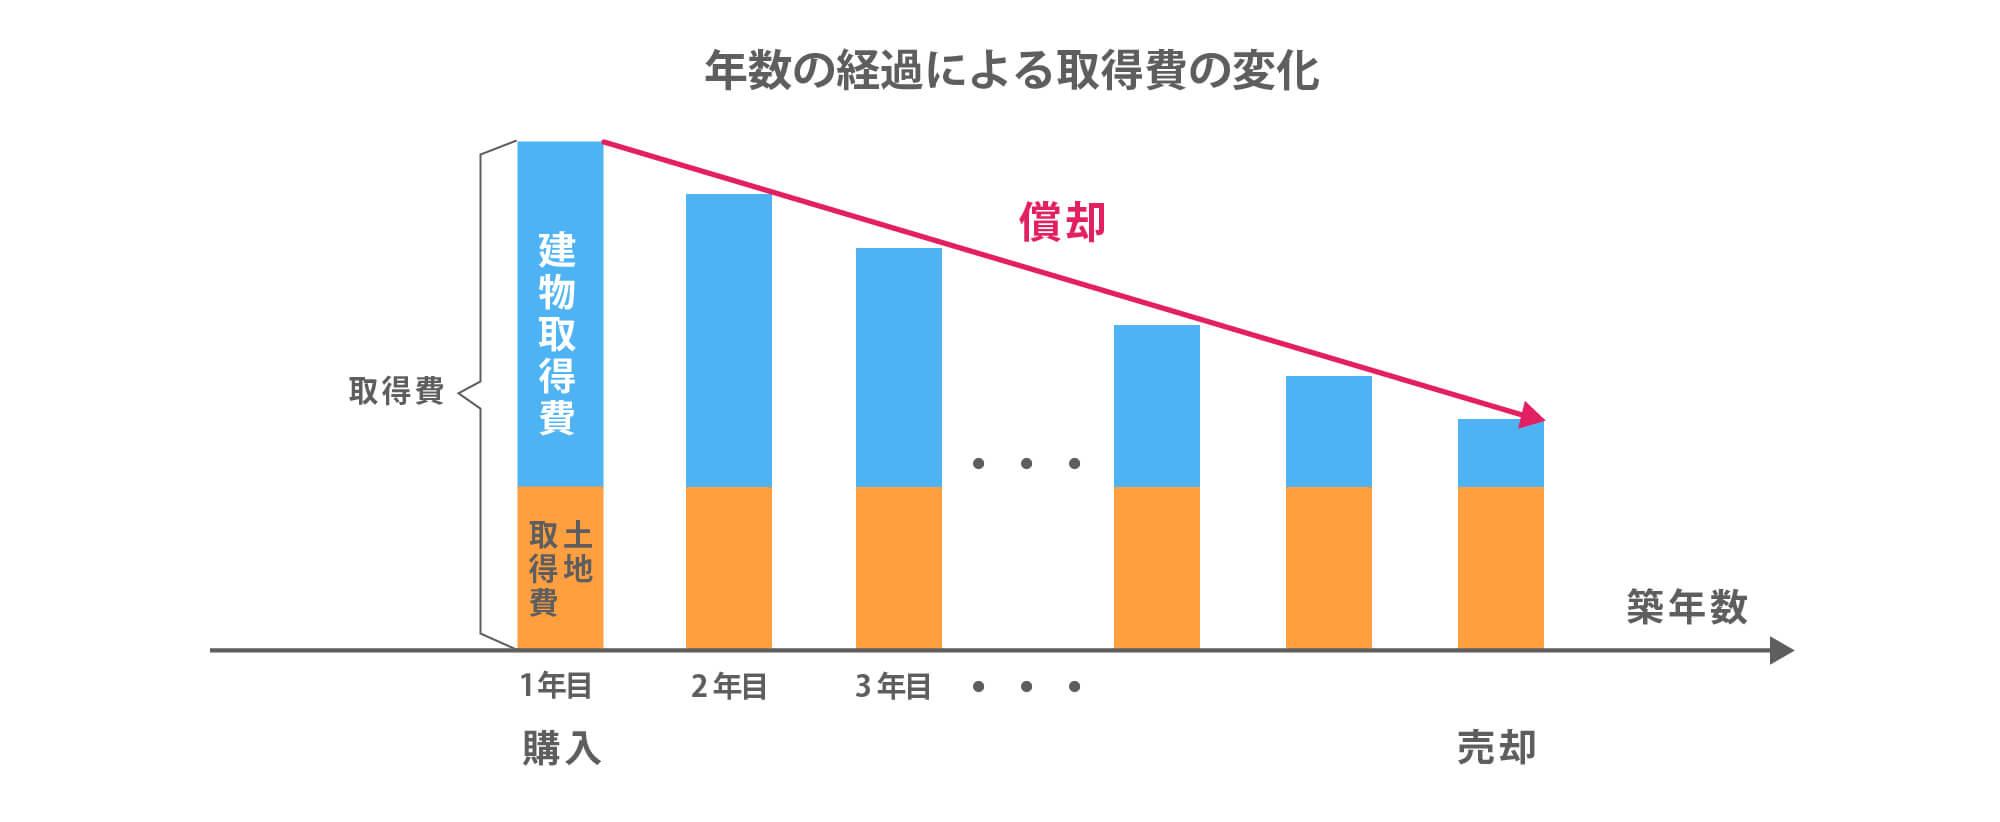 年数の経過による取得費の変化